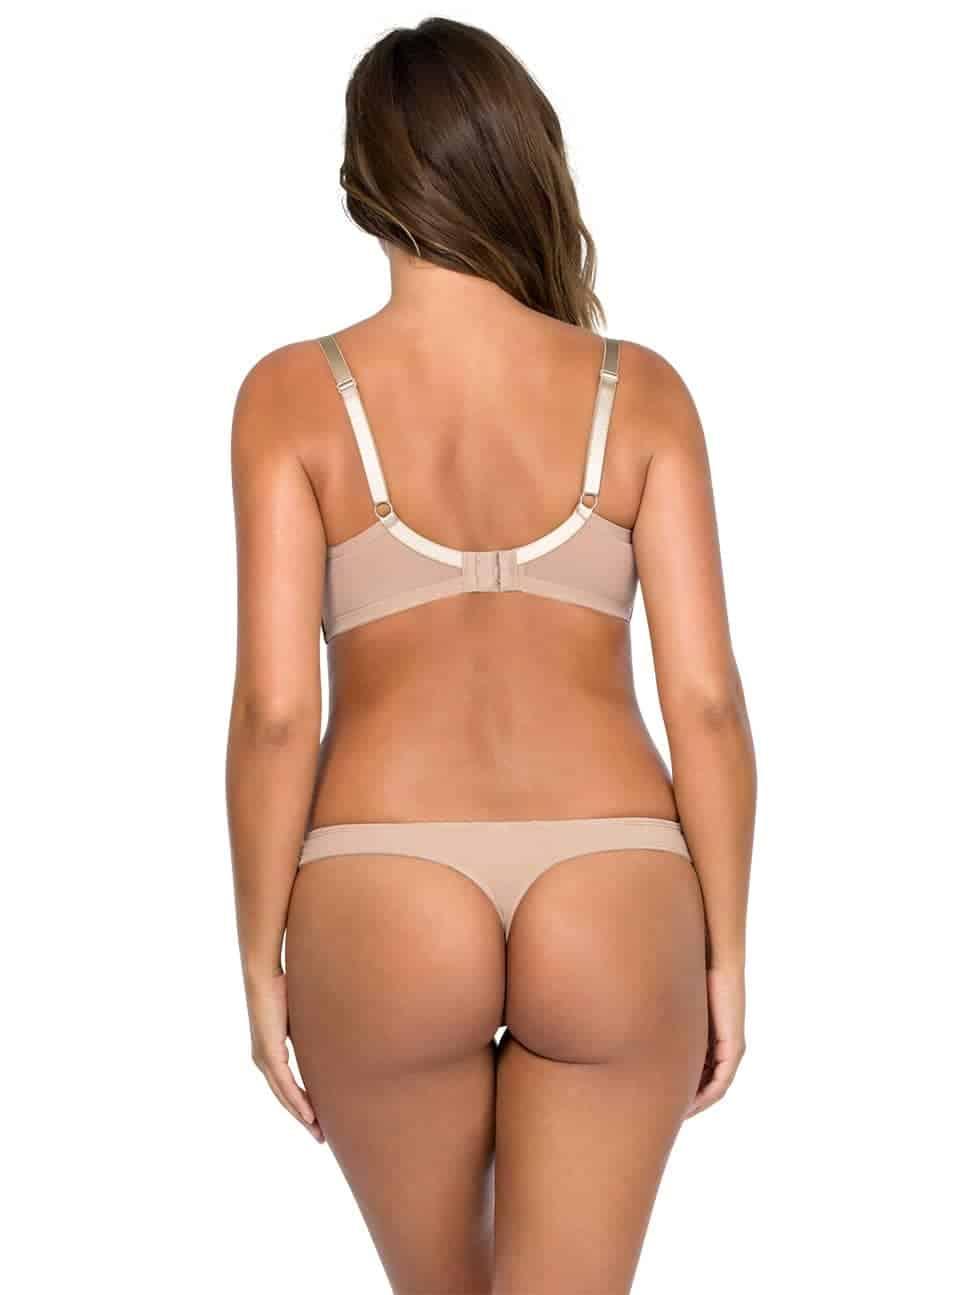 Jeanie PlungeMoldedBra4801 Thong4804 Enude Back - Jeanie Thong - European Nude - 4804